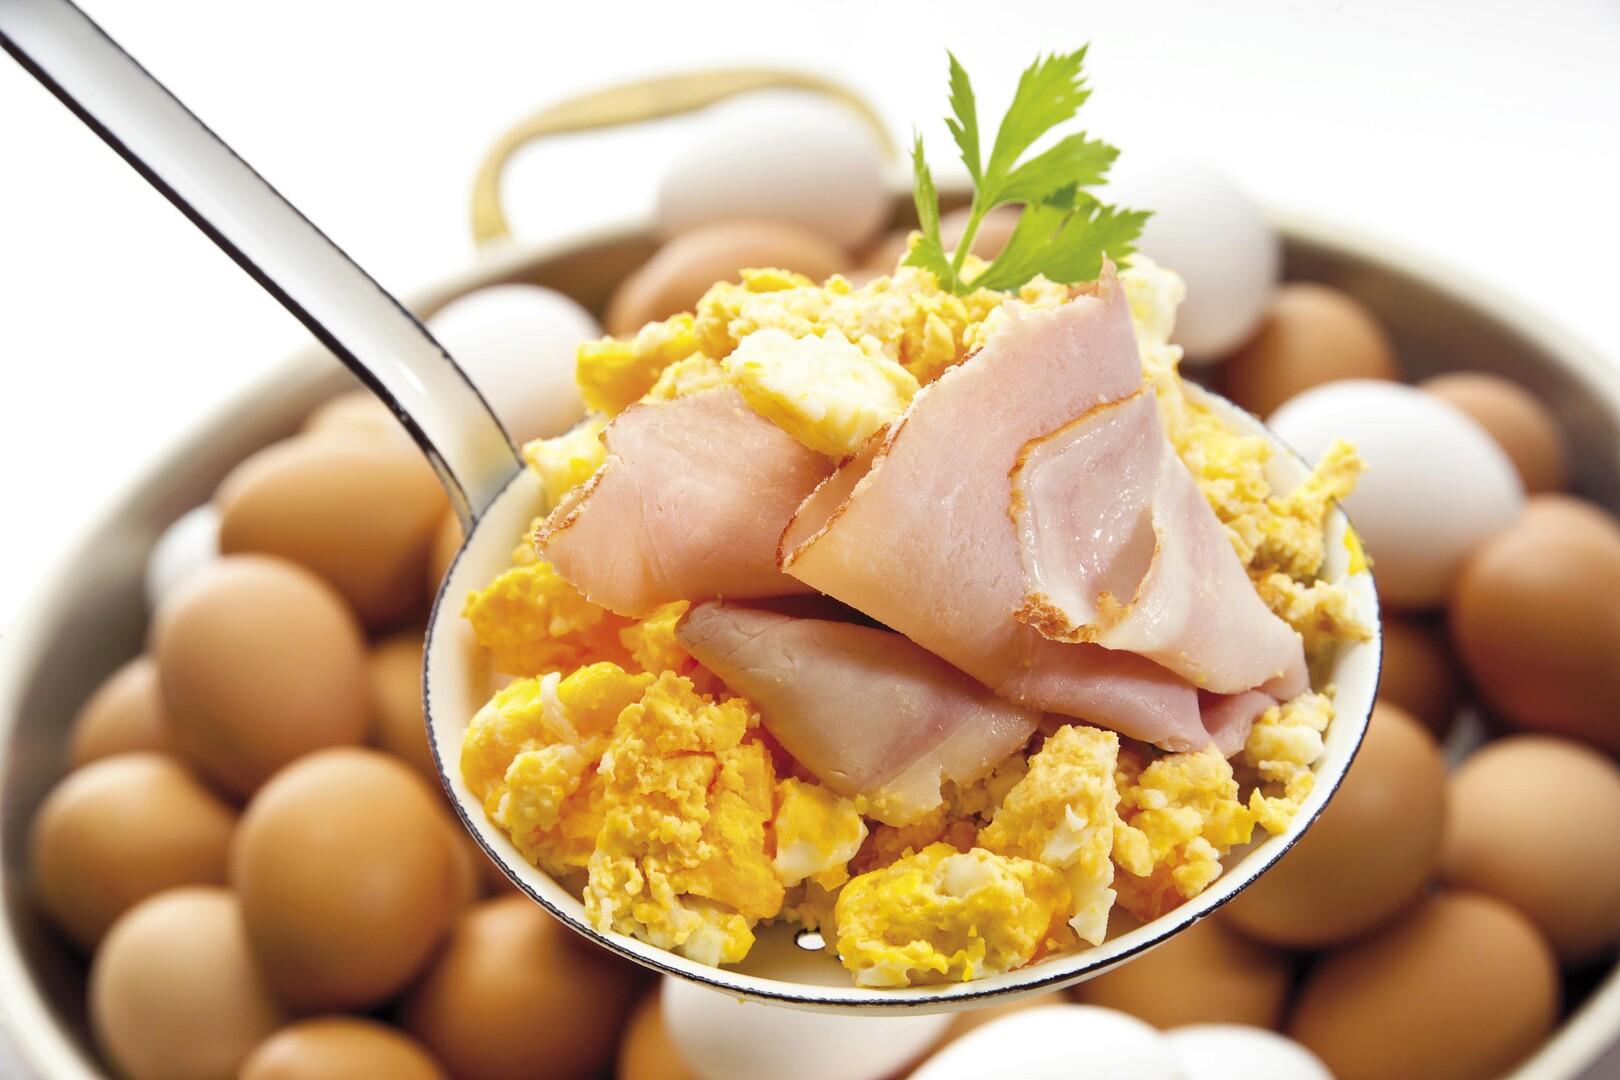 تناول البيض لوحده لا يسبب مشكلات صحية